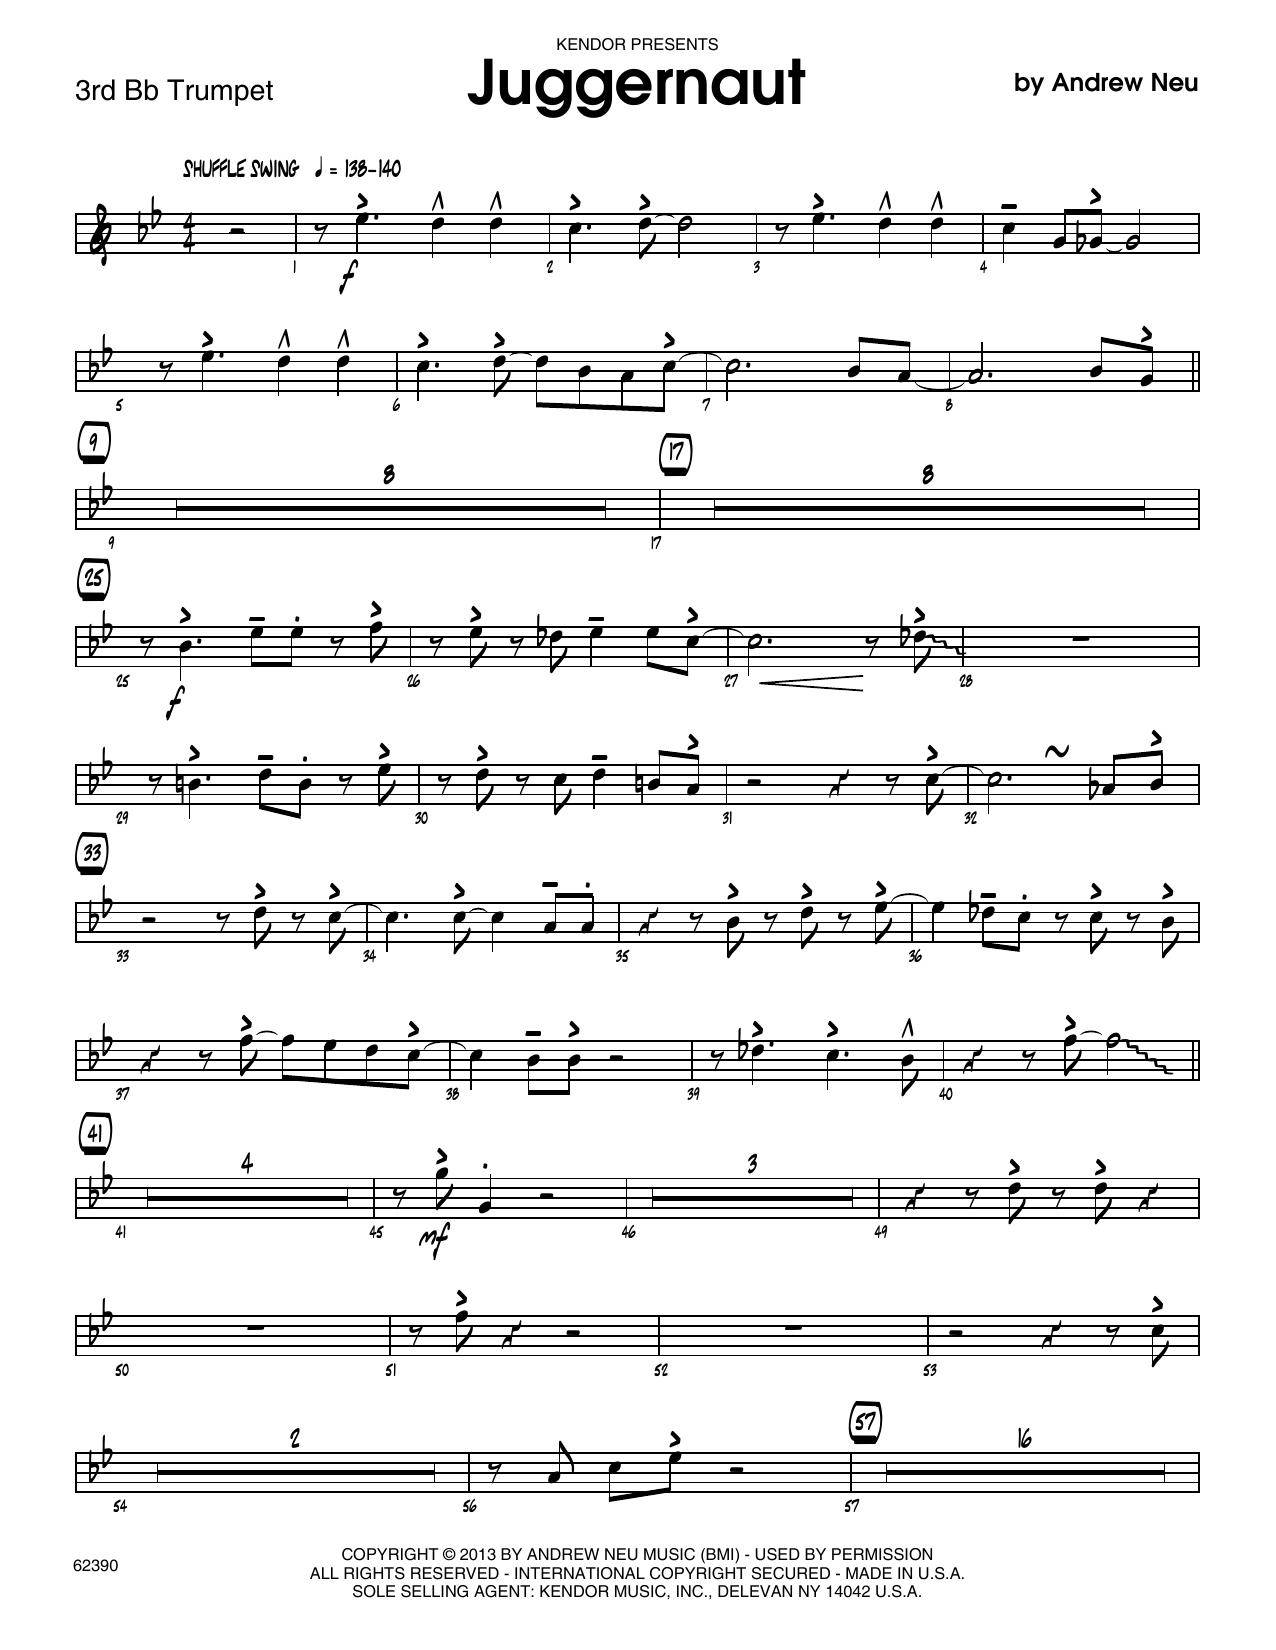 Juggernaut - 3rd Bb Trumpet Sheet Music